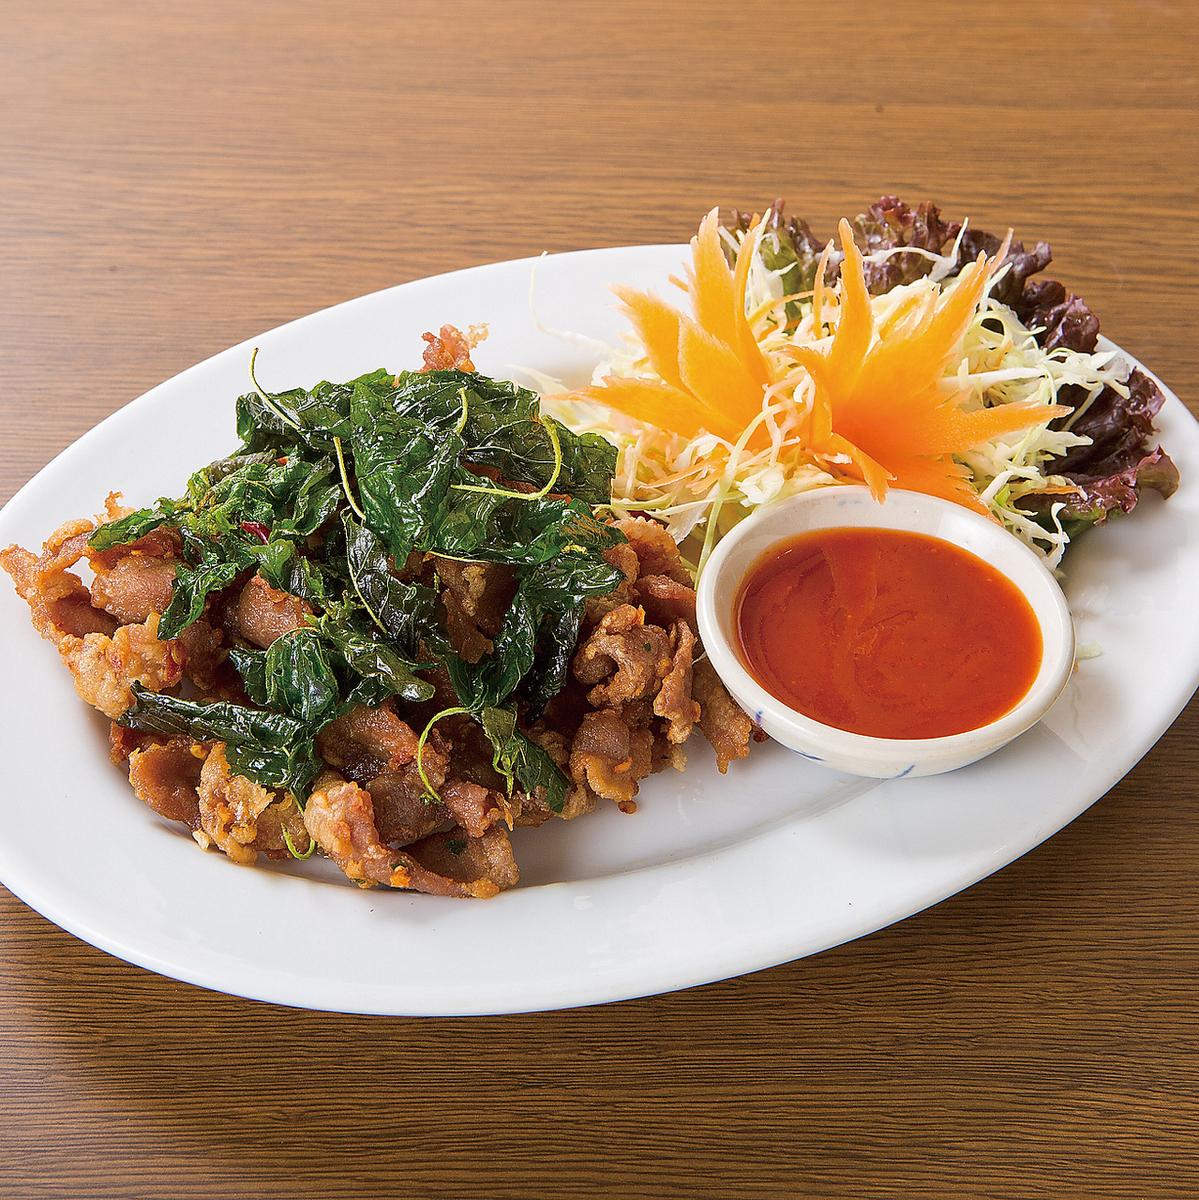 猪肉油煎的草本/辣沙拉用虾和柠檬草